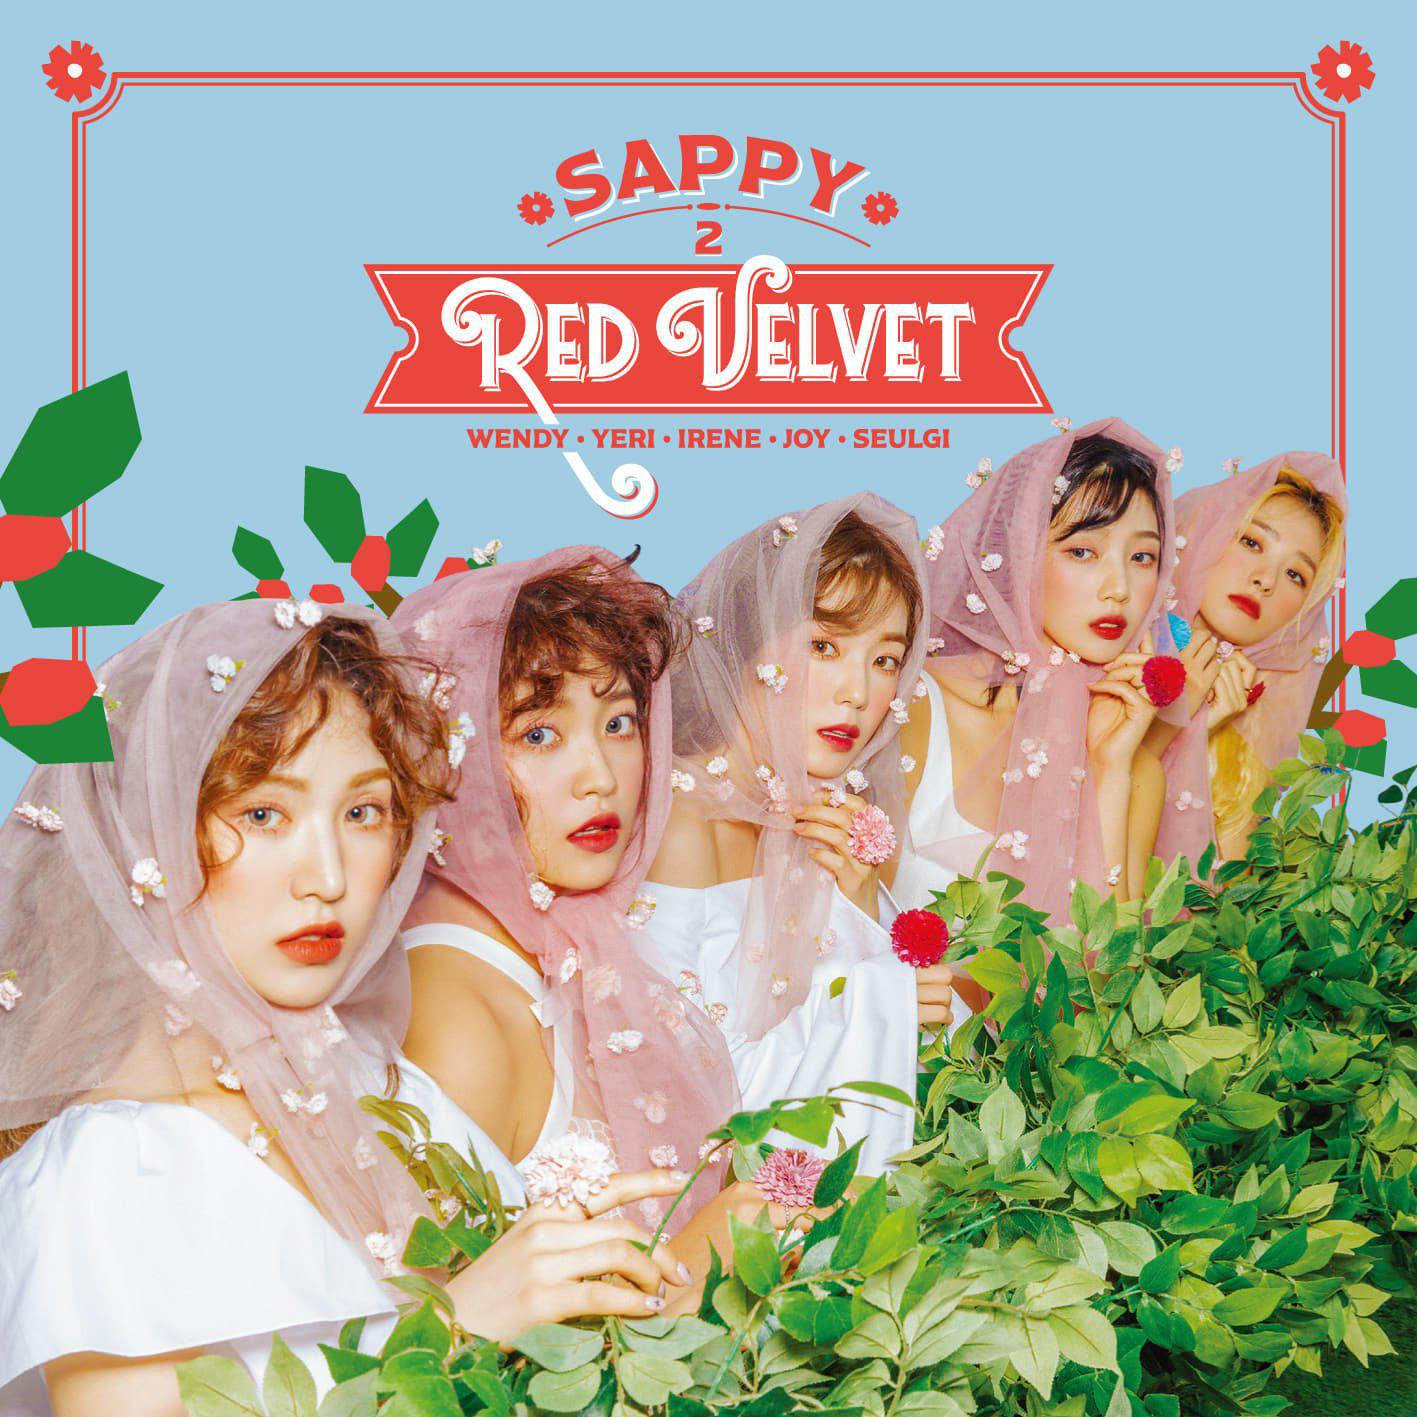 Sappy (album)